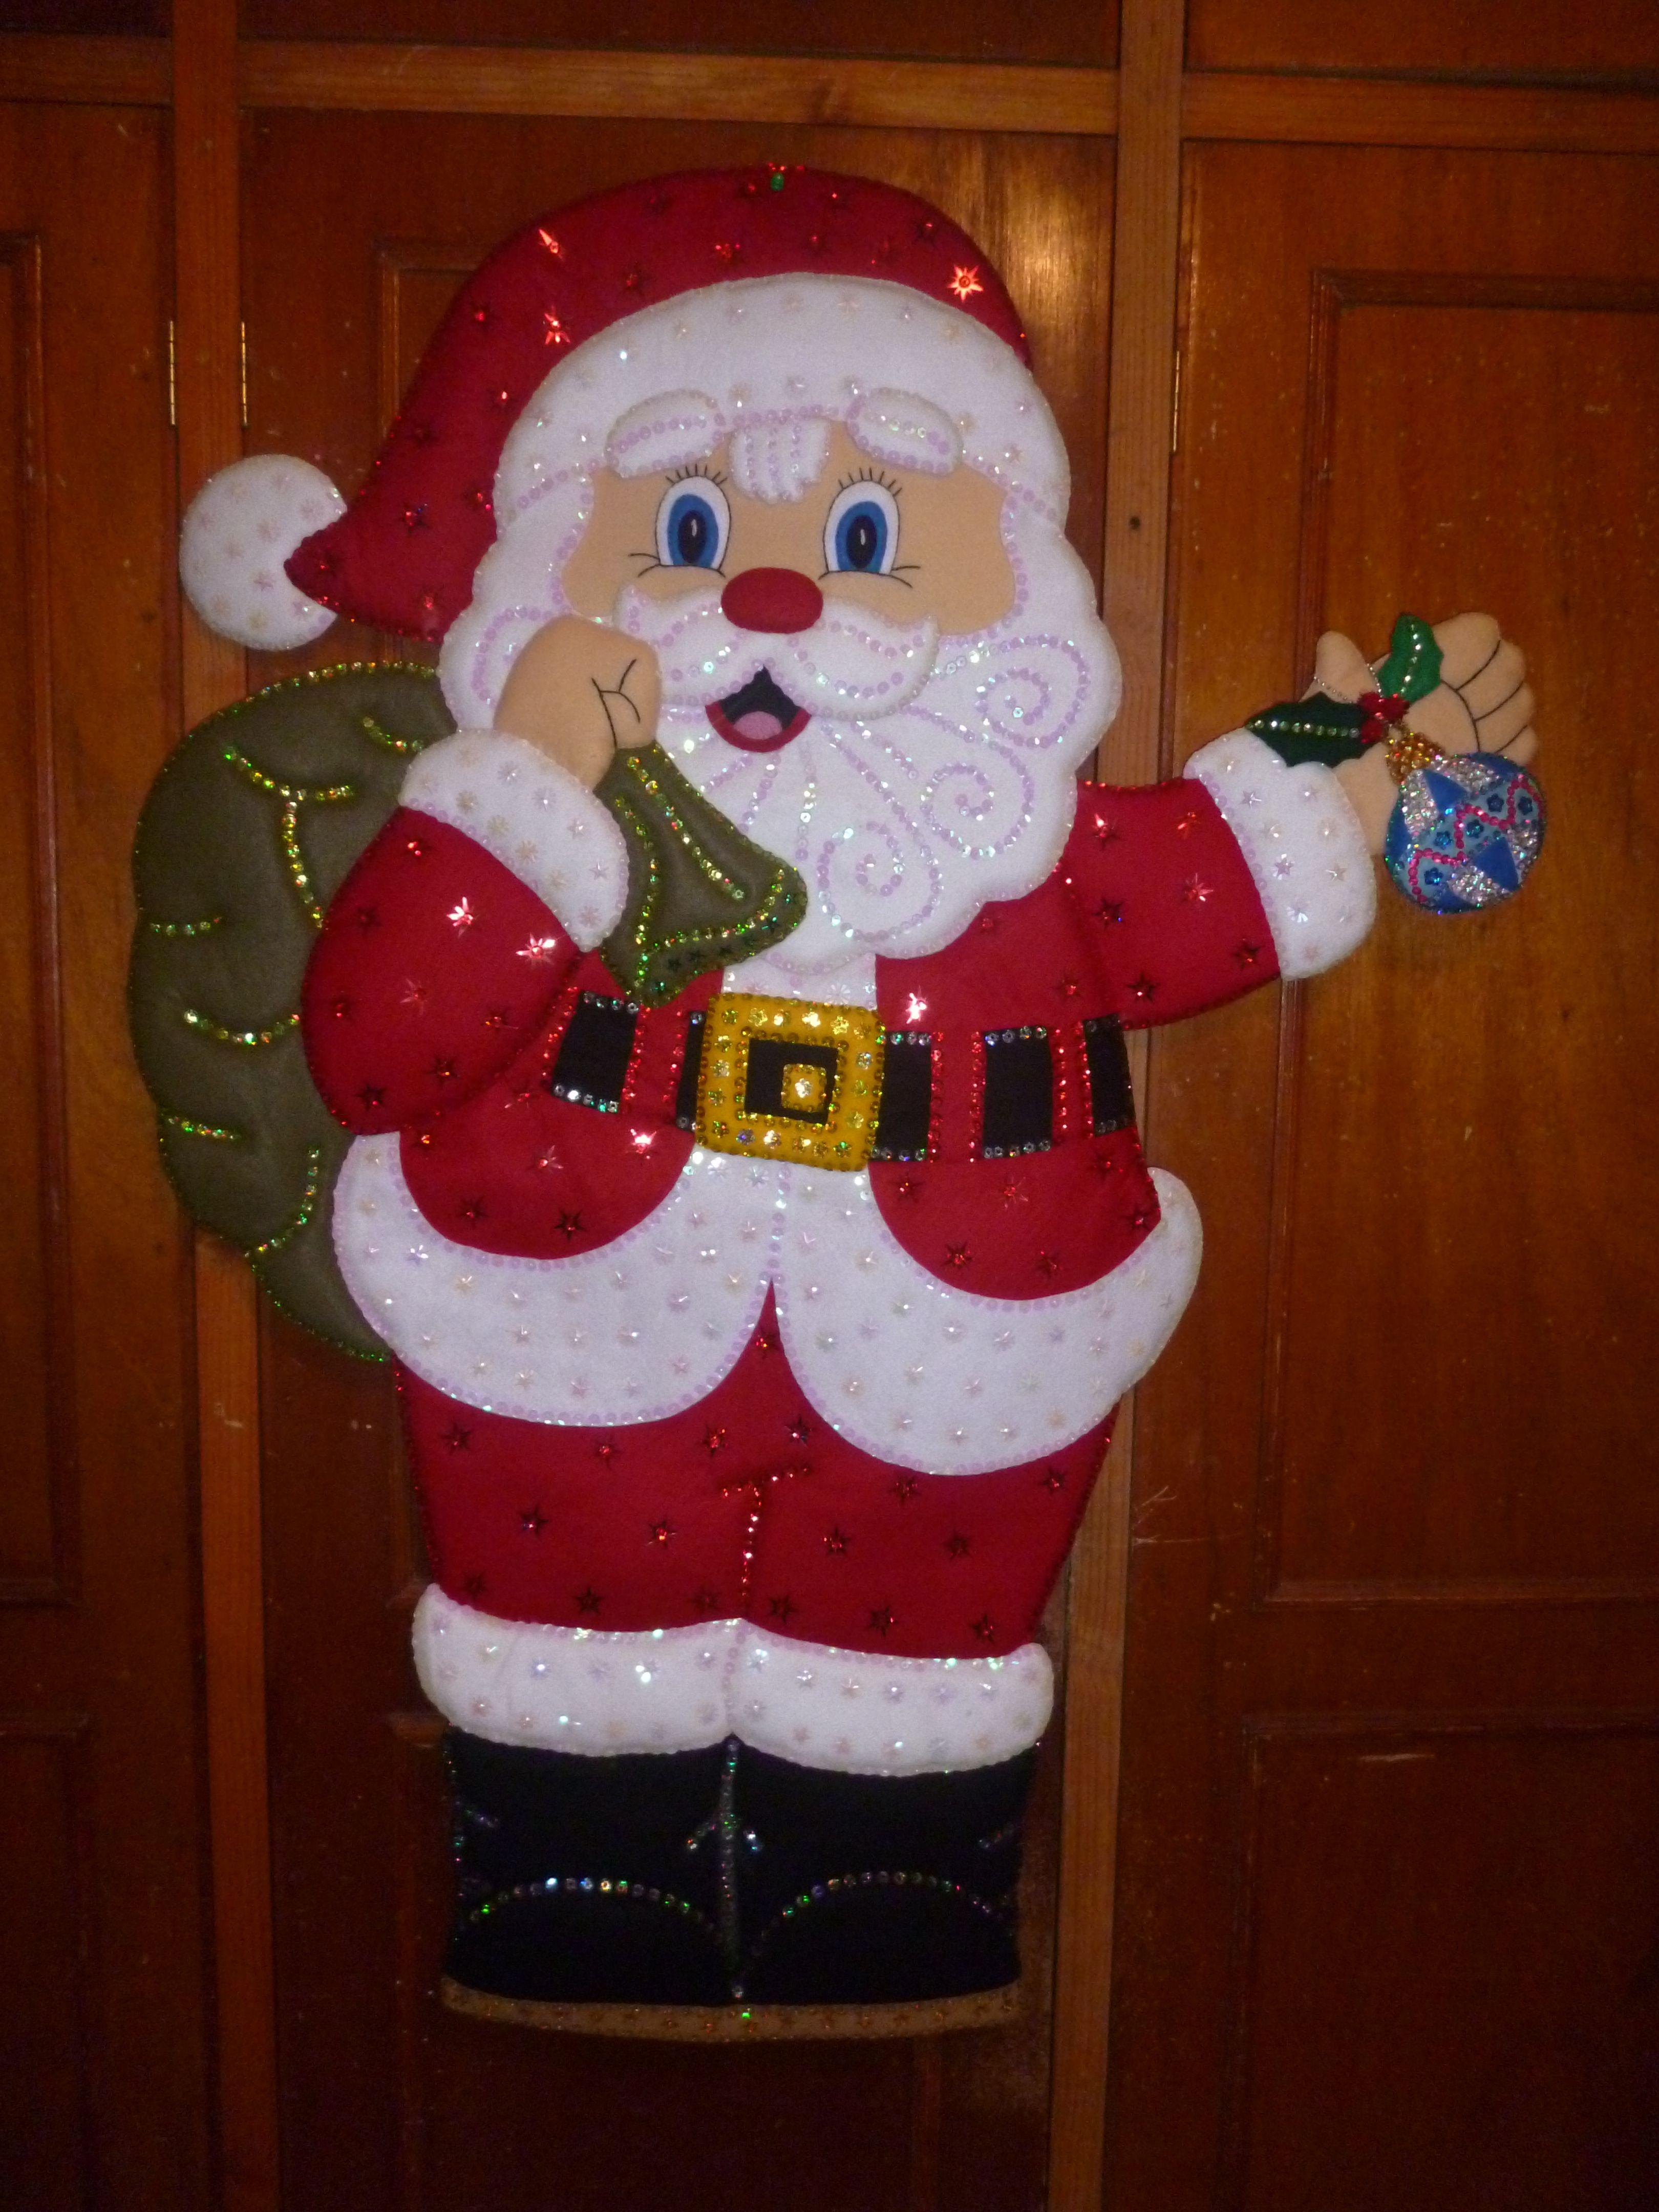 603 santa gde con esferas ideas para el hogar for Puertas decoradas santa claus